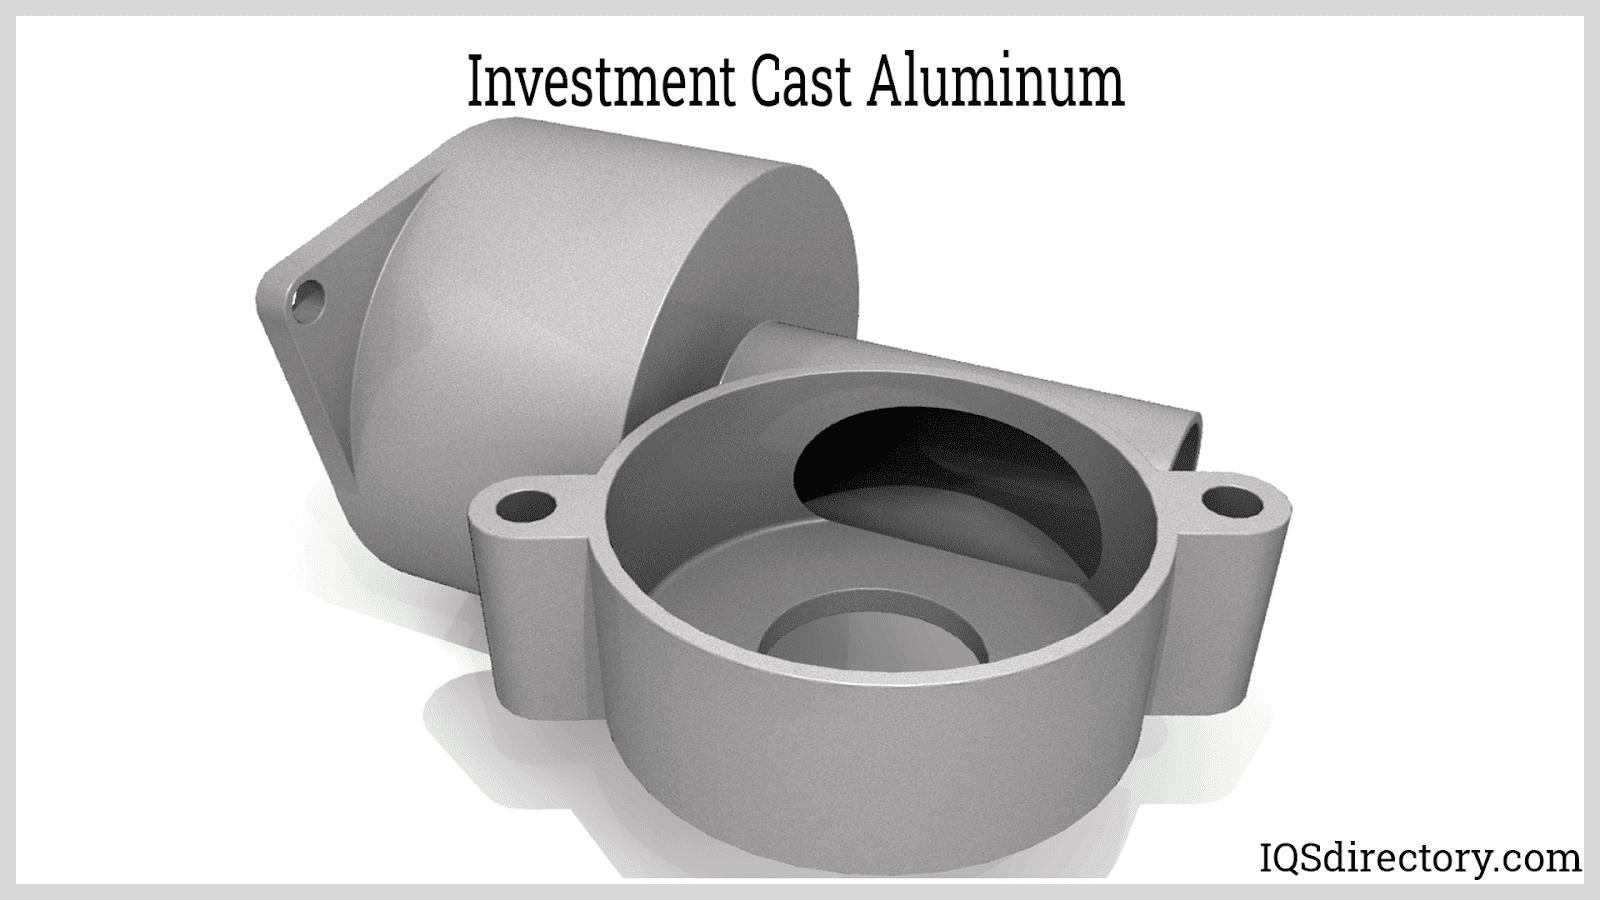 Investment Cast Aluminum